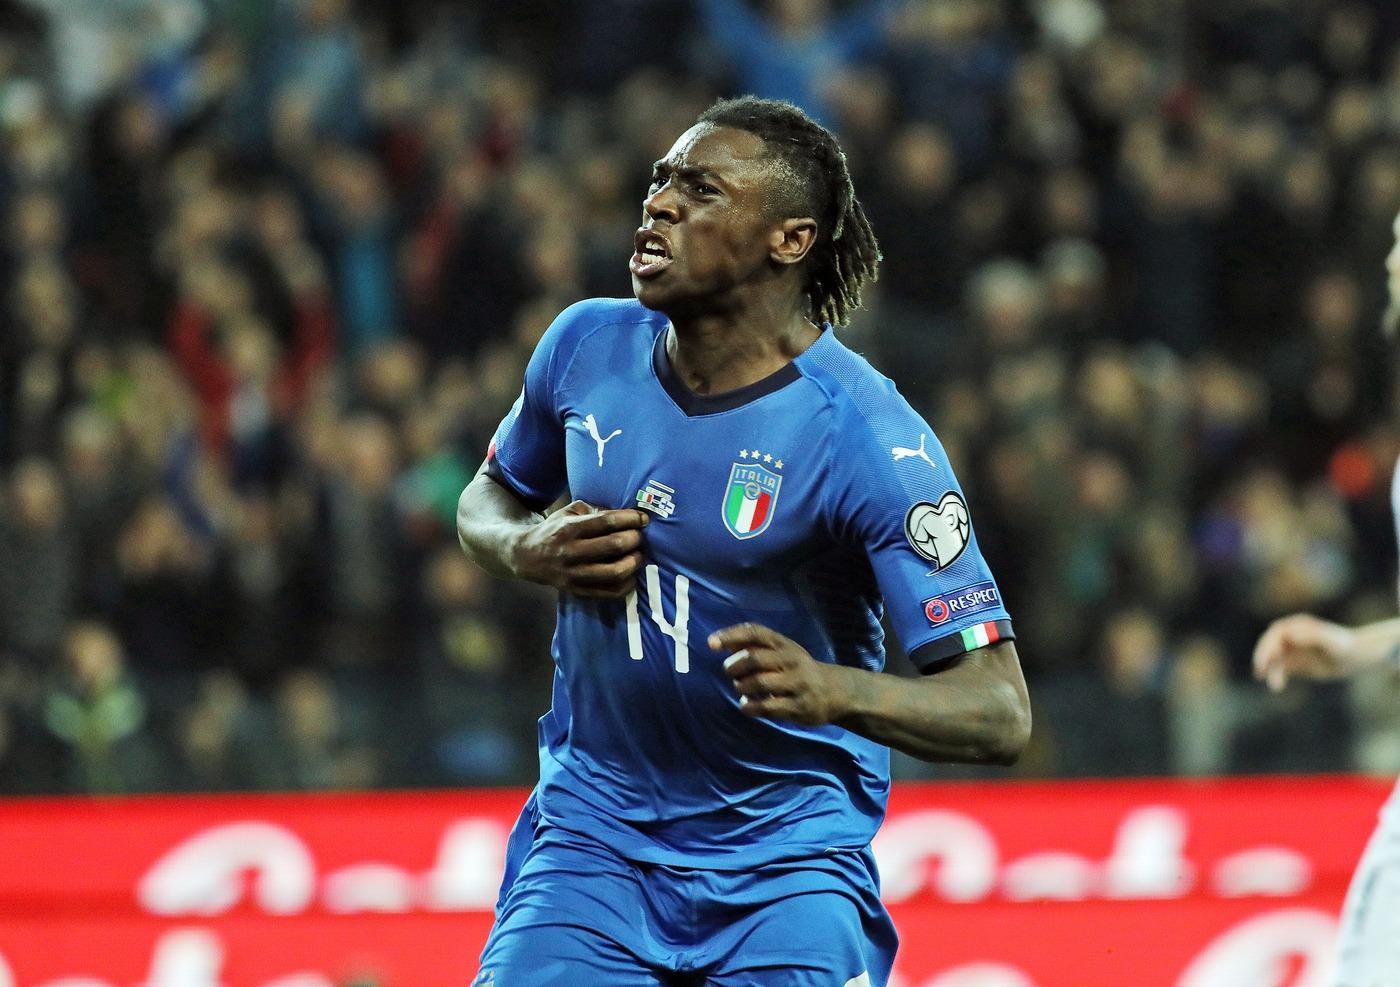 Italia-Liechtenstein 26 marzo: si gioca per la seconda giornata del gruppo J di qualificazione agli Europei. Azzurri strafavoriti.